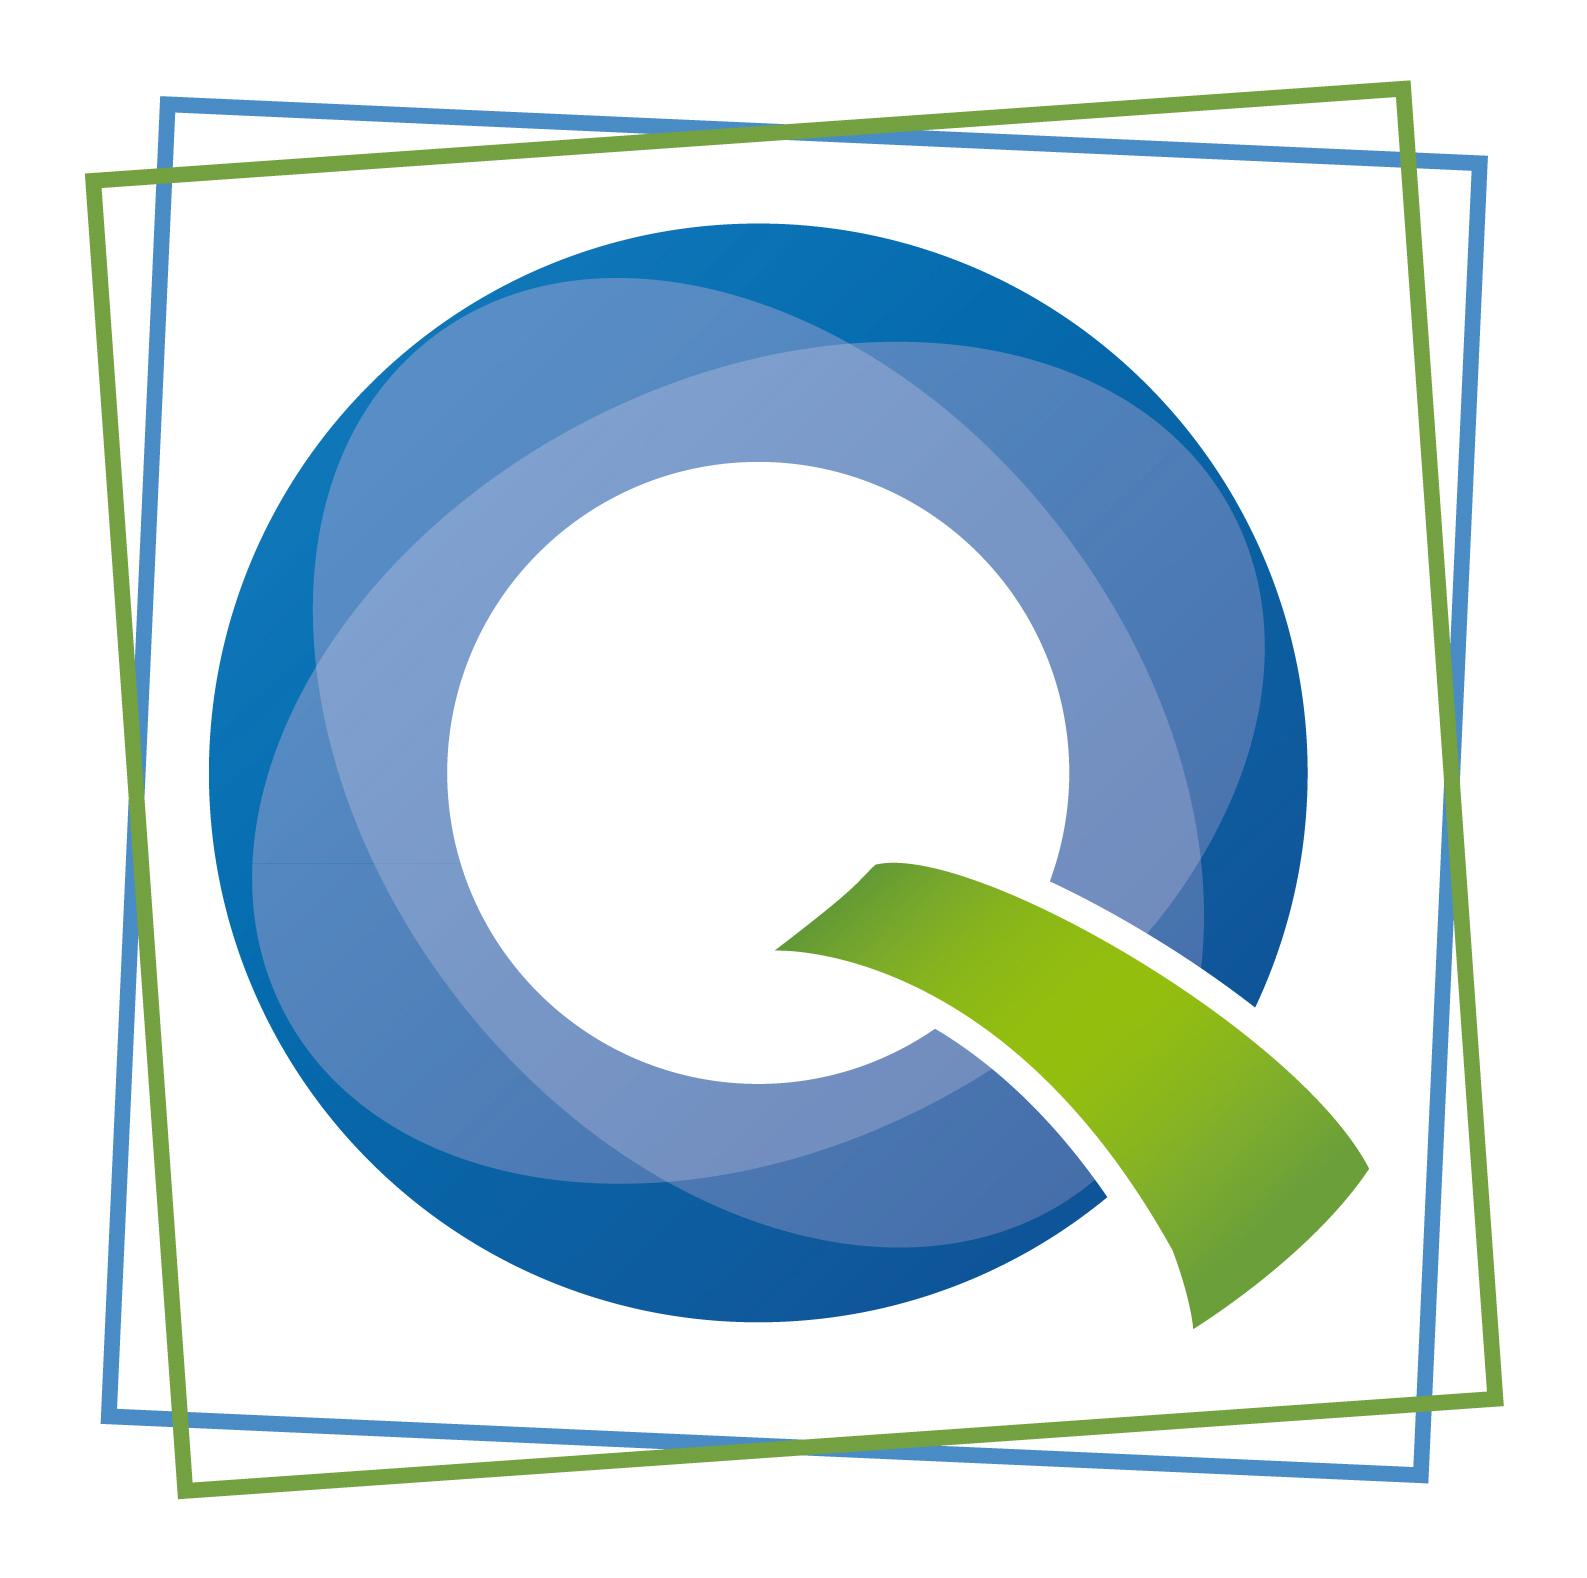 Behandelopties voor QVS-patiënten door Radboudumc